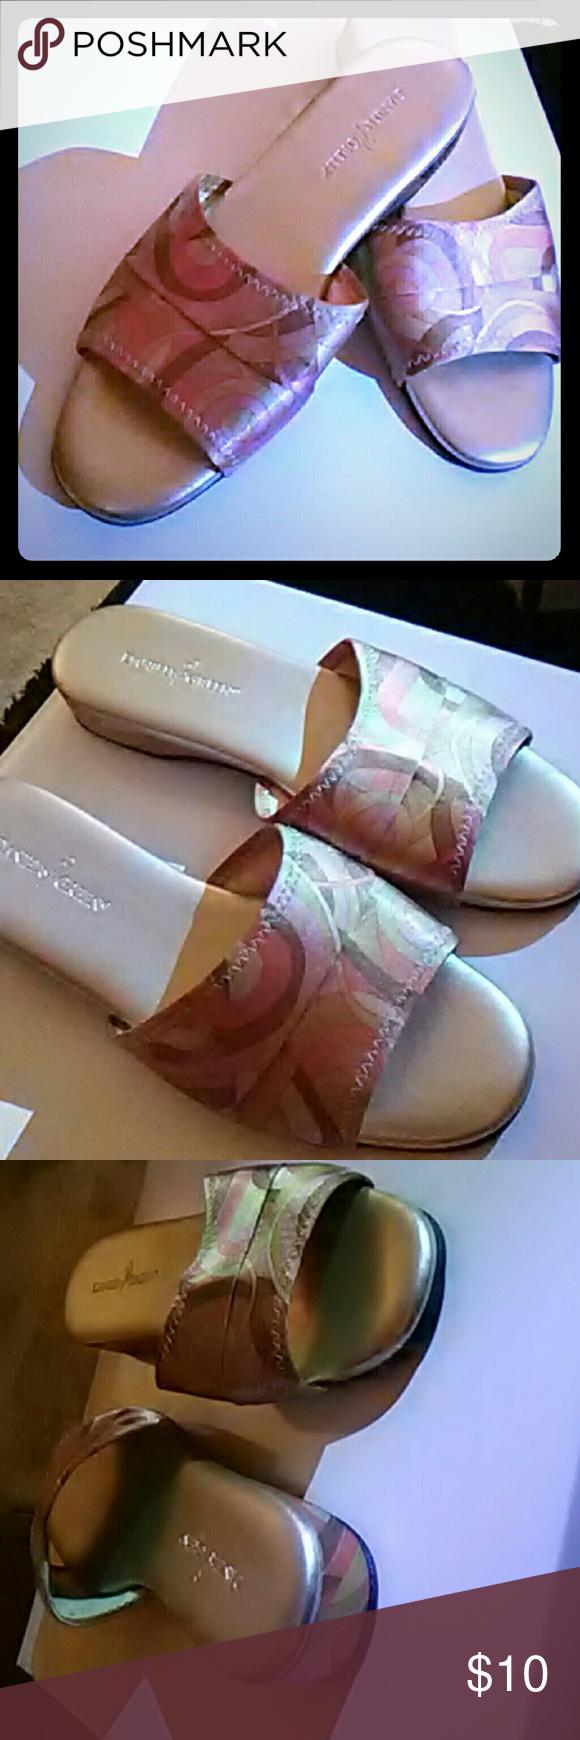 1df894ce15e BRAND NEW DANIEL GREEN SLIPPERS!! Multicolored satin finish slippers ...